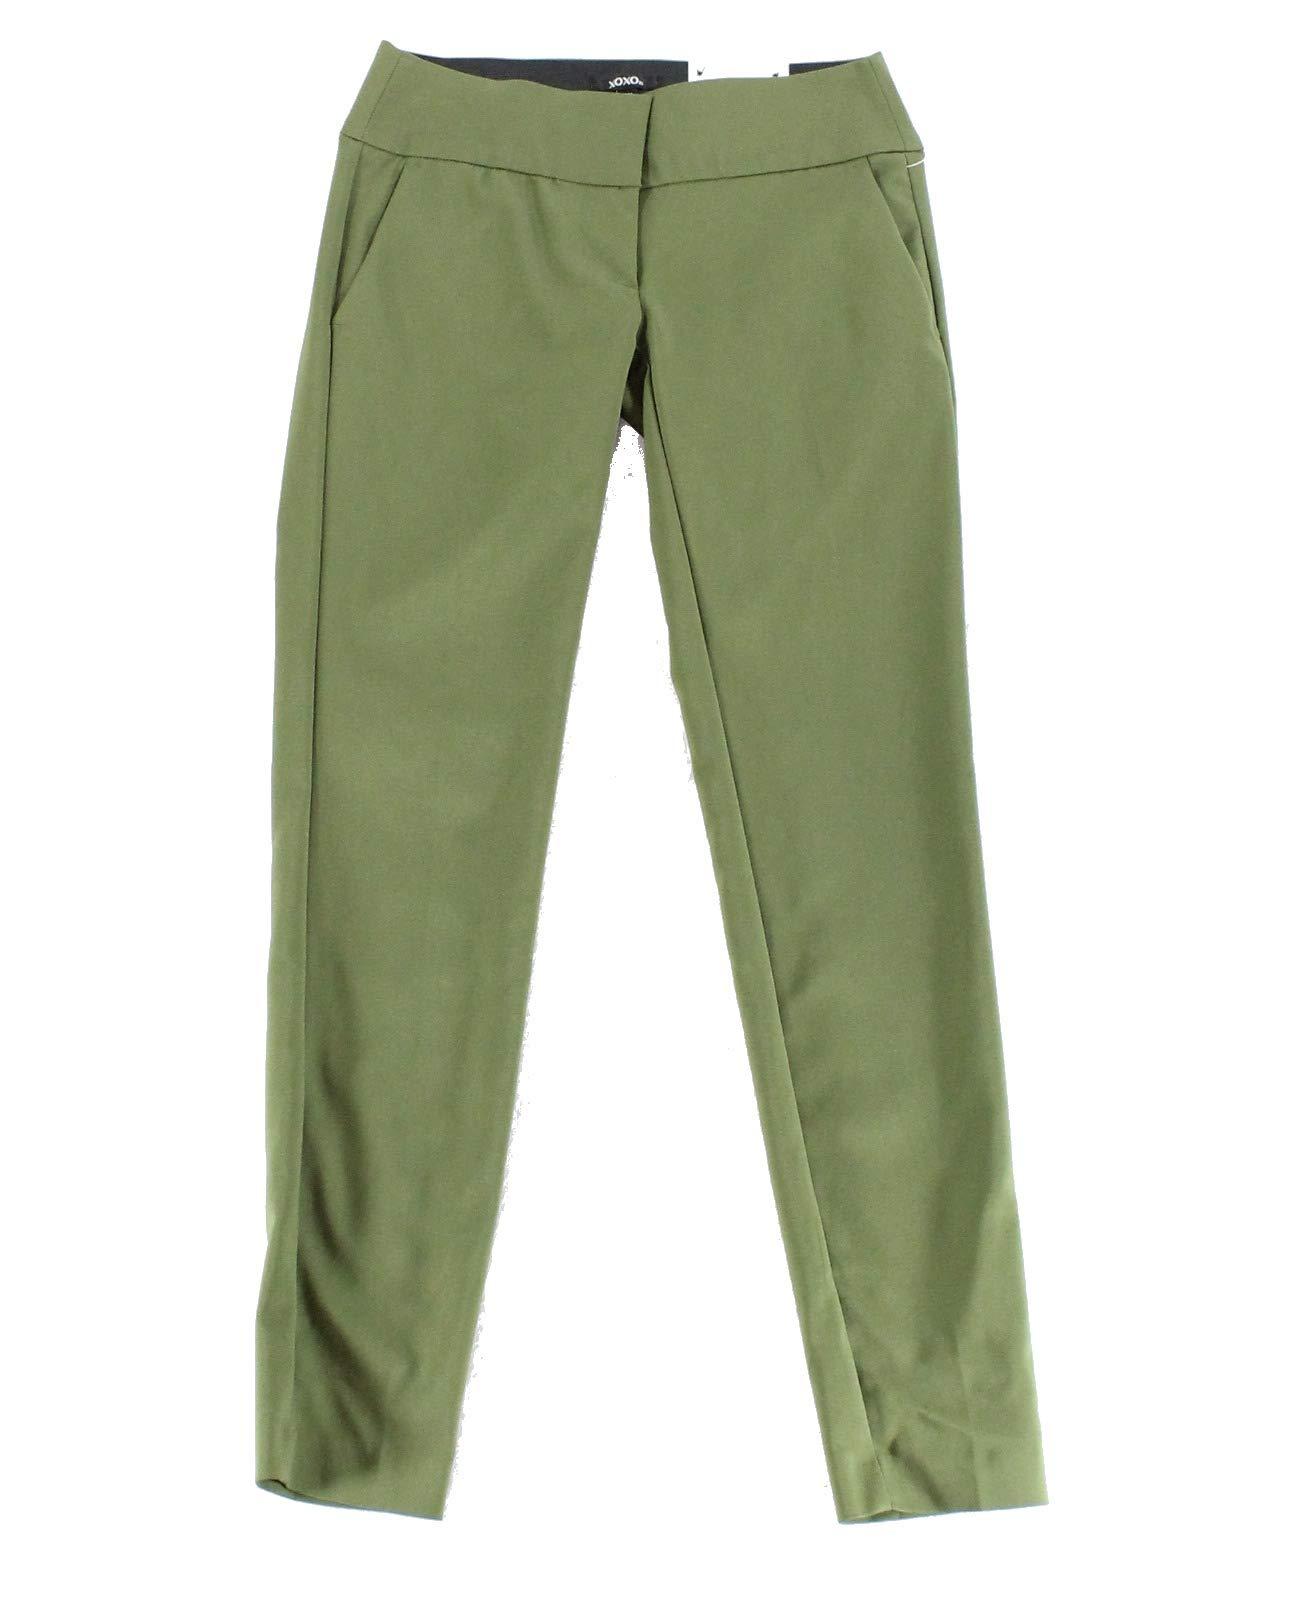 XOXO Dark Women's 7/8 Stretch Slim Skinny Ankle Pants Green 8 by XOXO